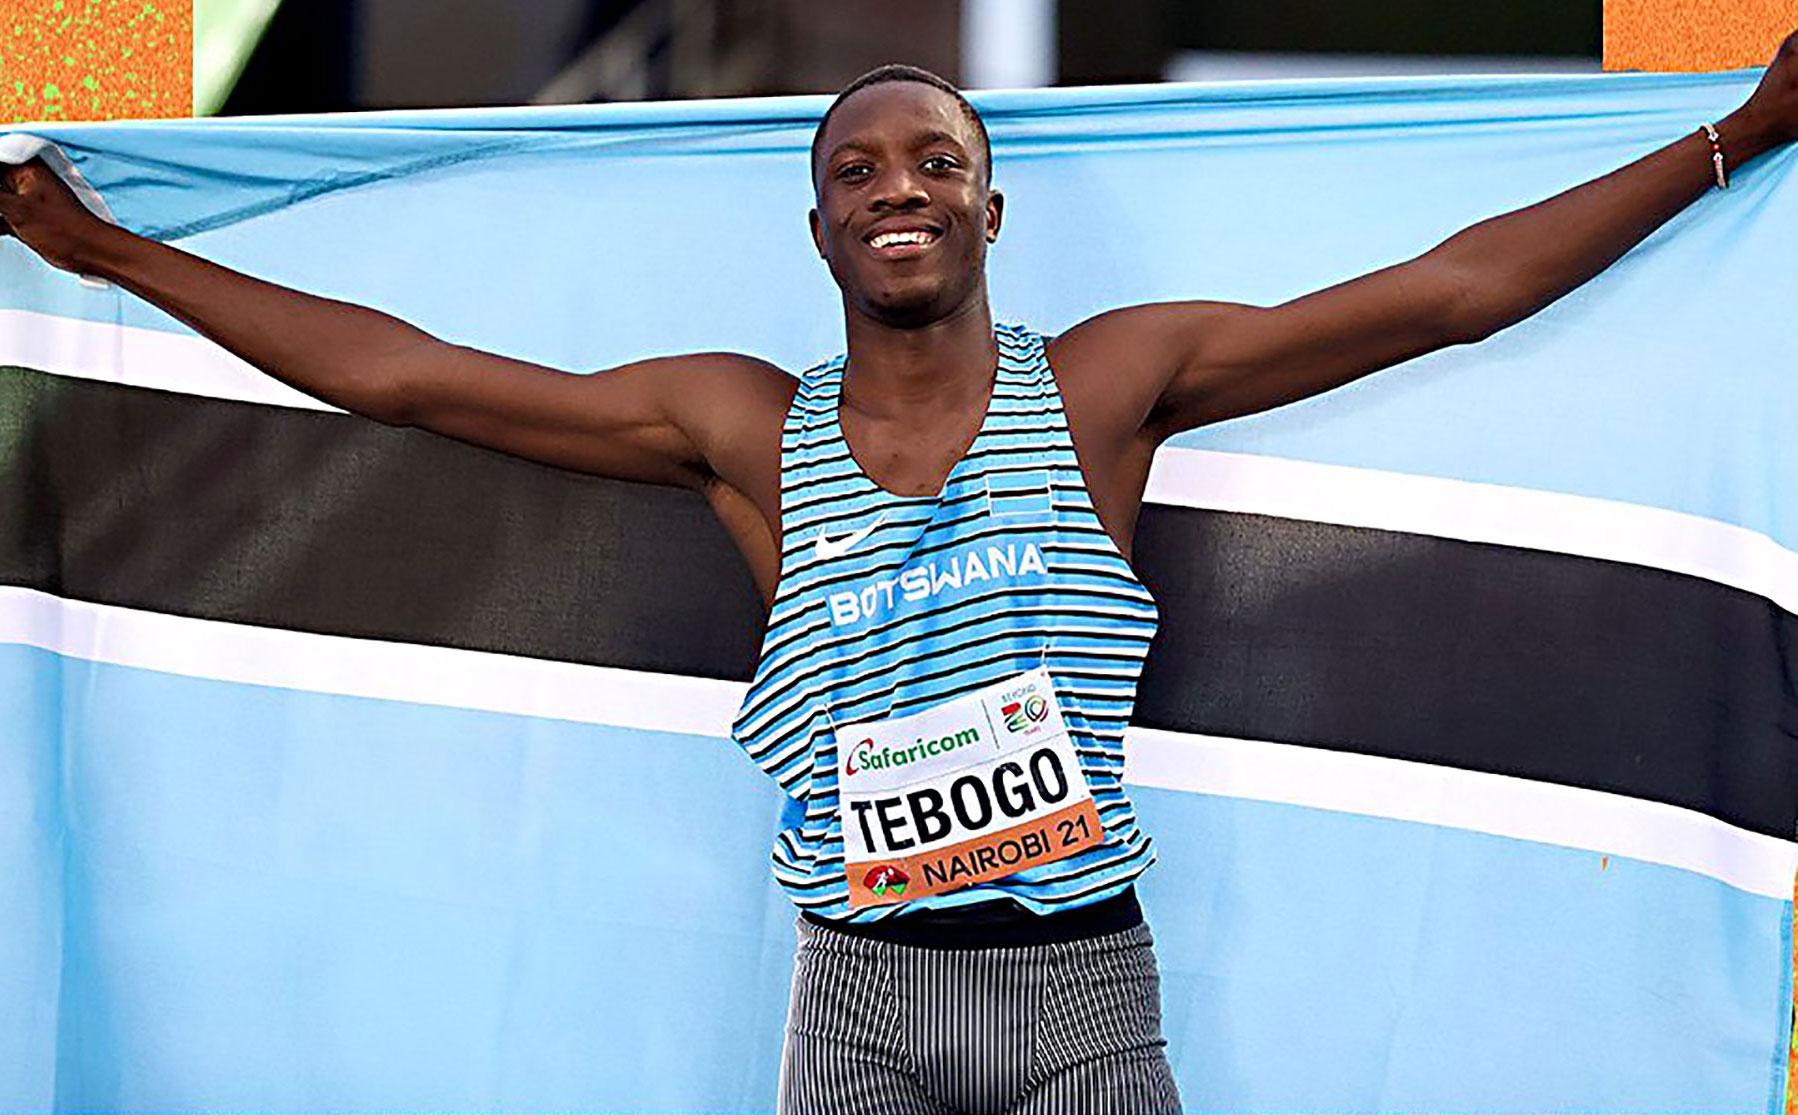 Летсиле Тебого (род. в 2003 г) — чемпион мира 2021 в спринтерском беге на 100 м среди юниоров.